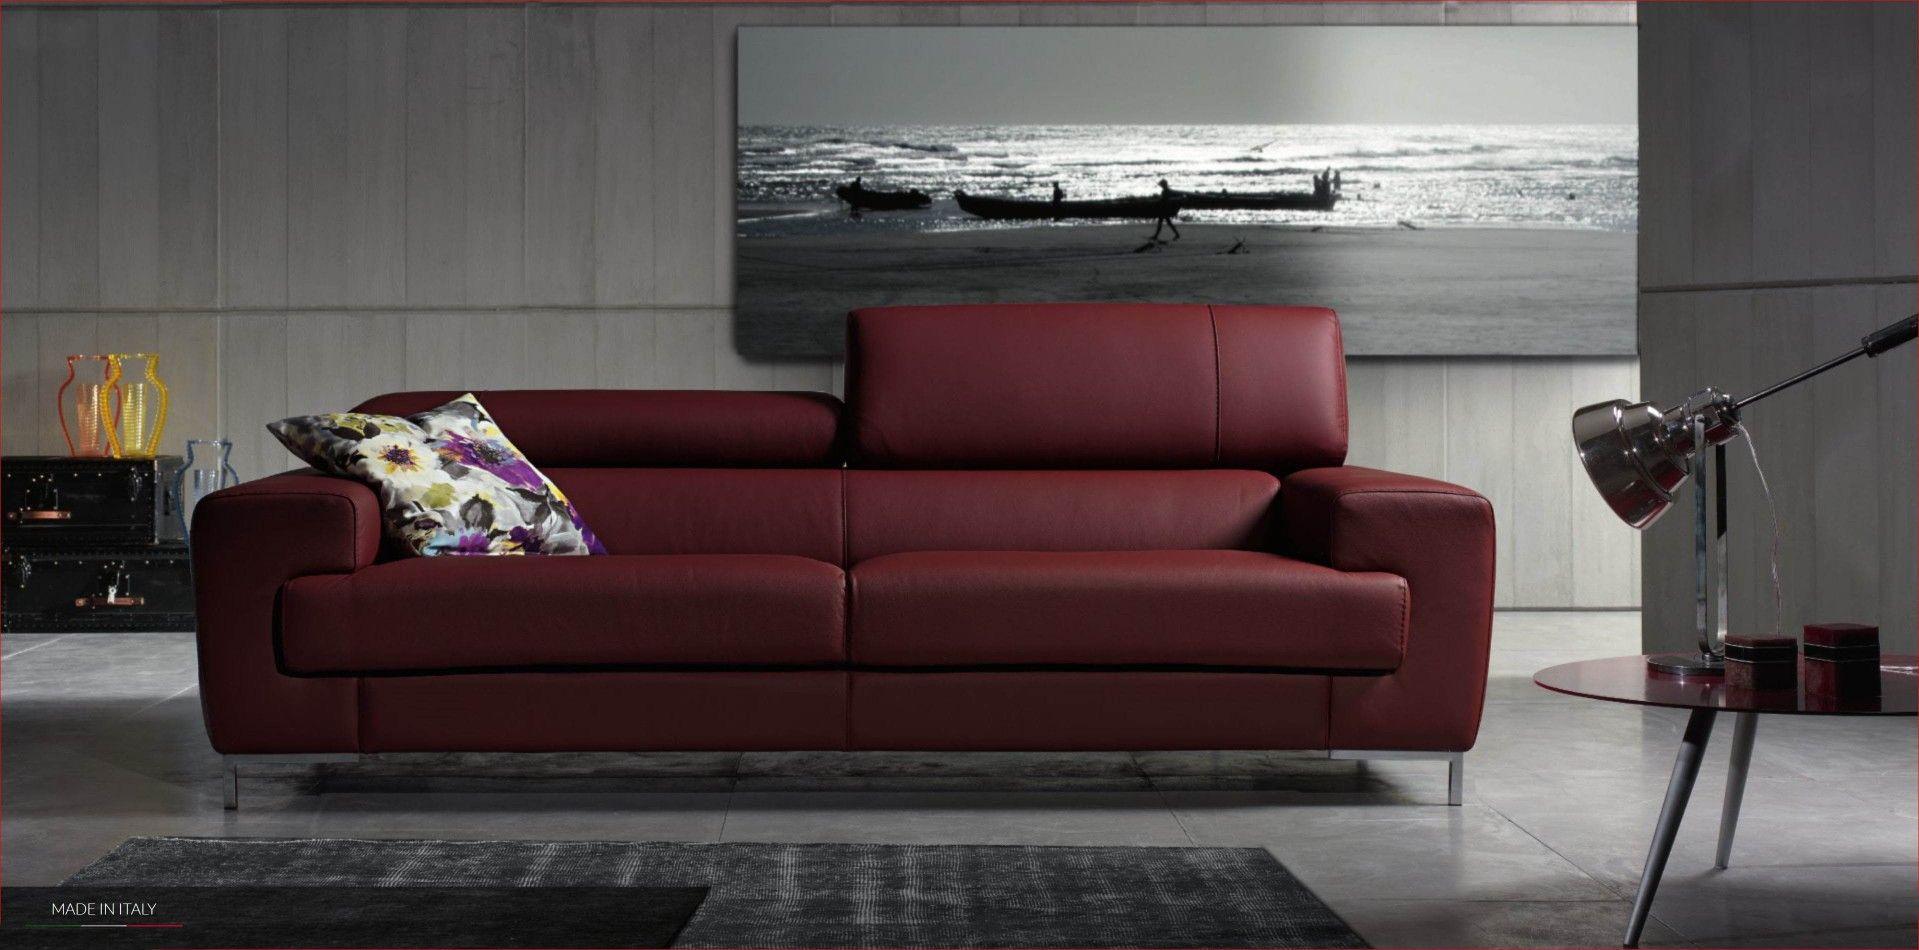 Pulire Divano In Pelle divano in pelle modello vanesio di ''excò sofa